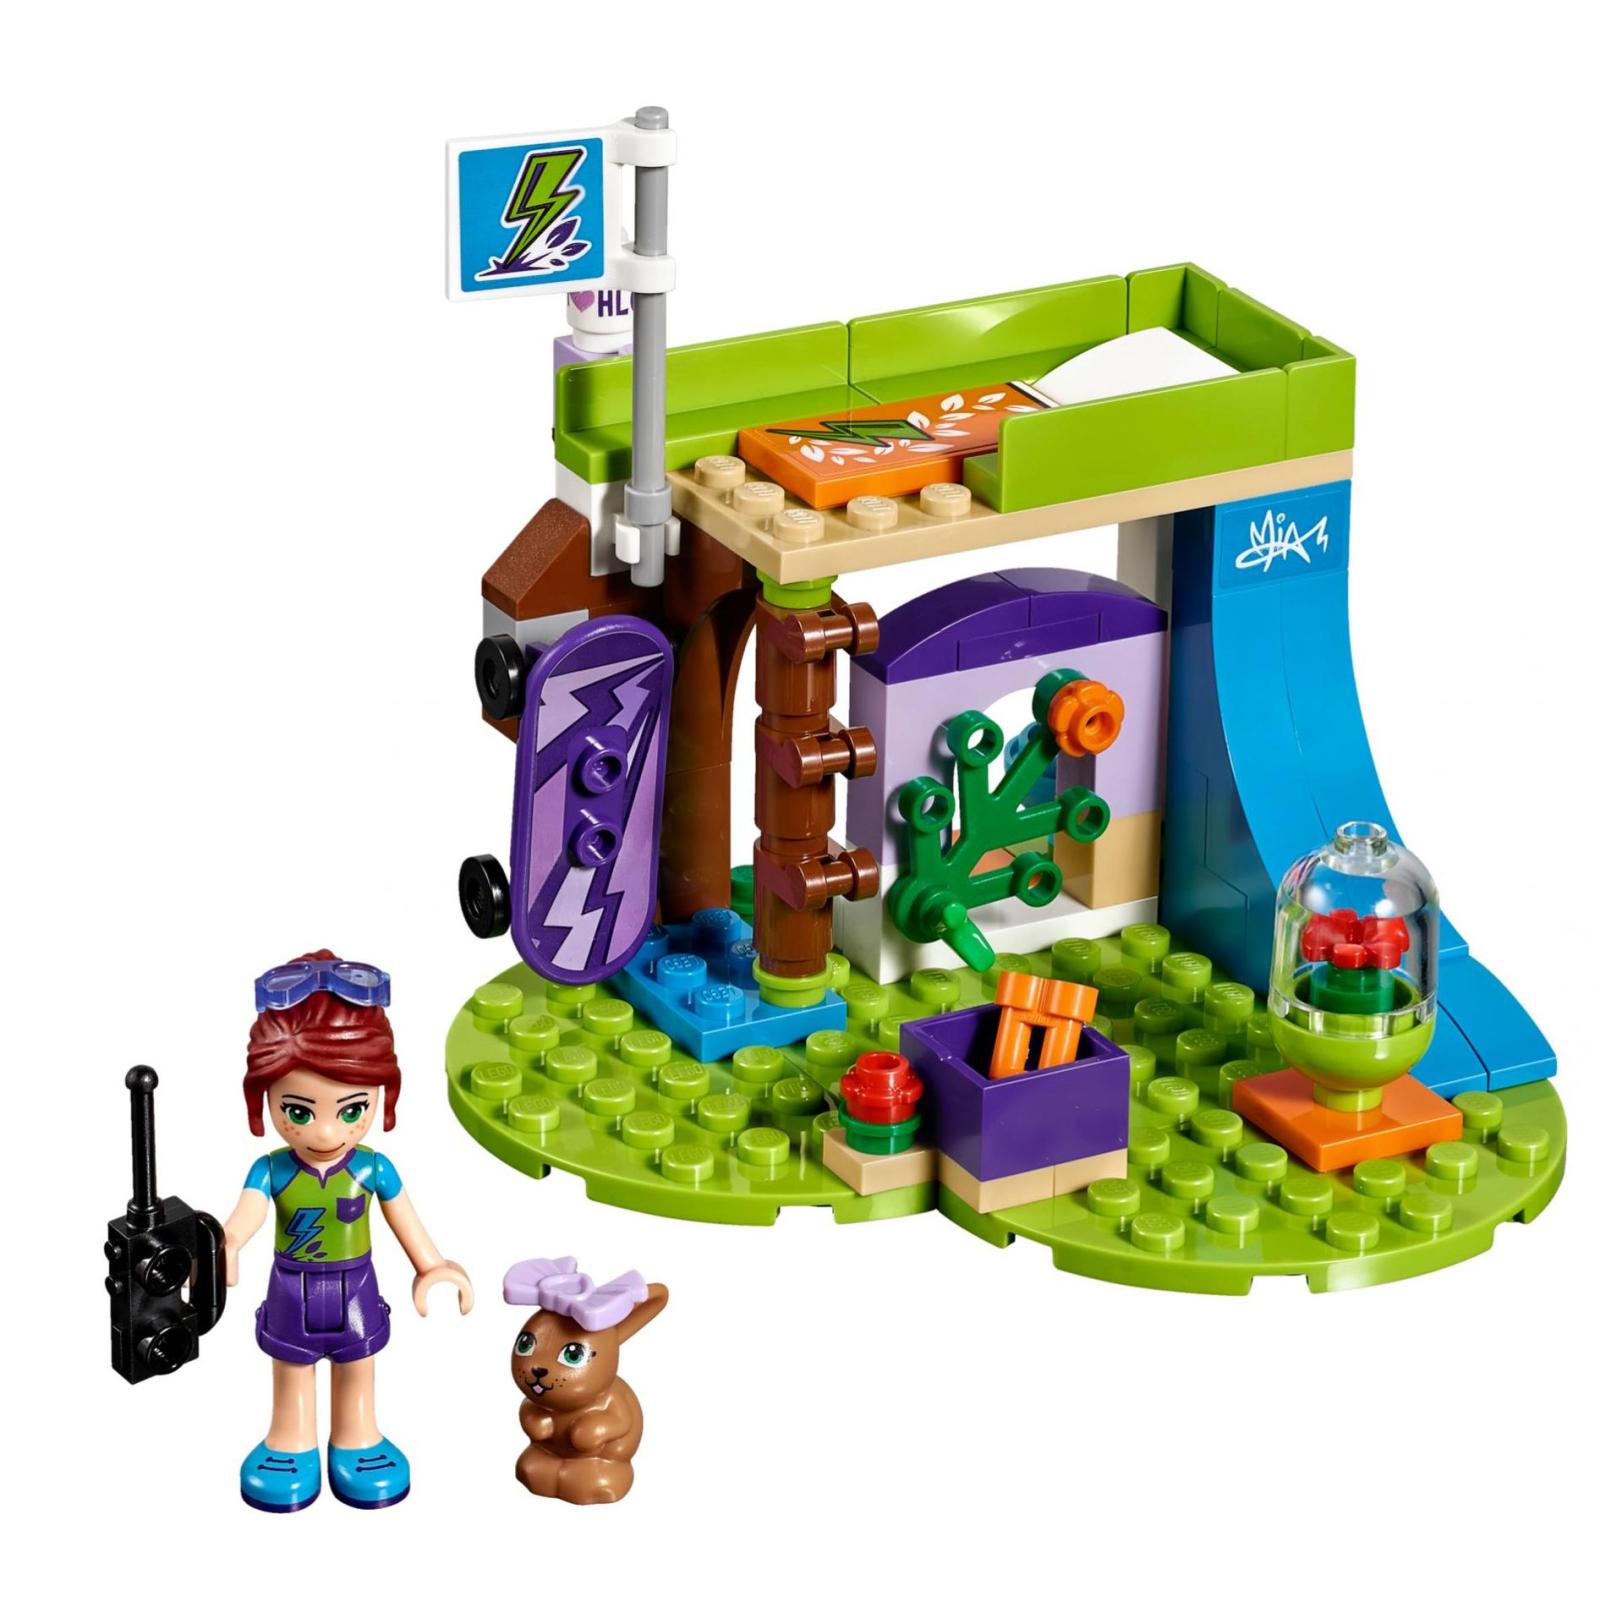 Конструктор LEGO Friends Спальня Мии (41327) изображение 2